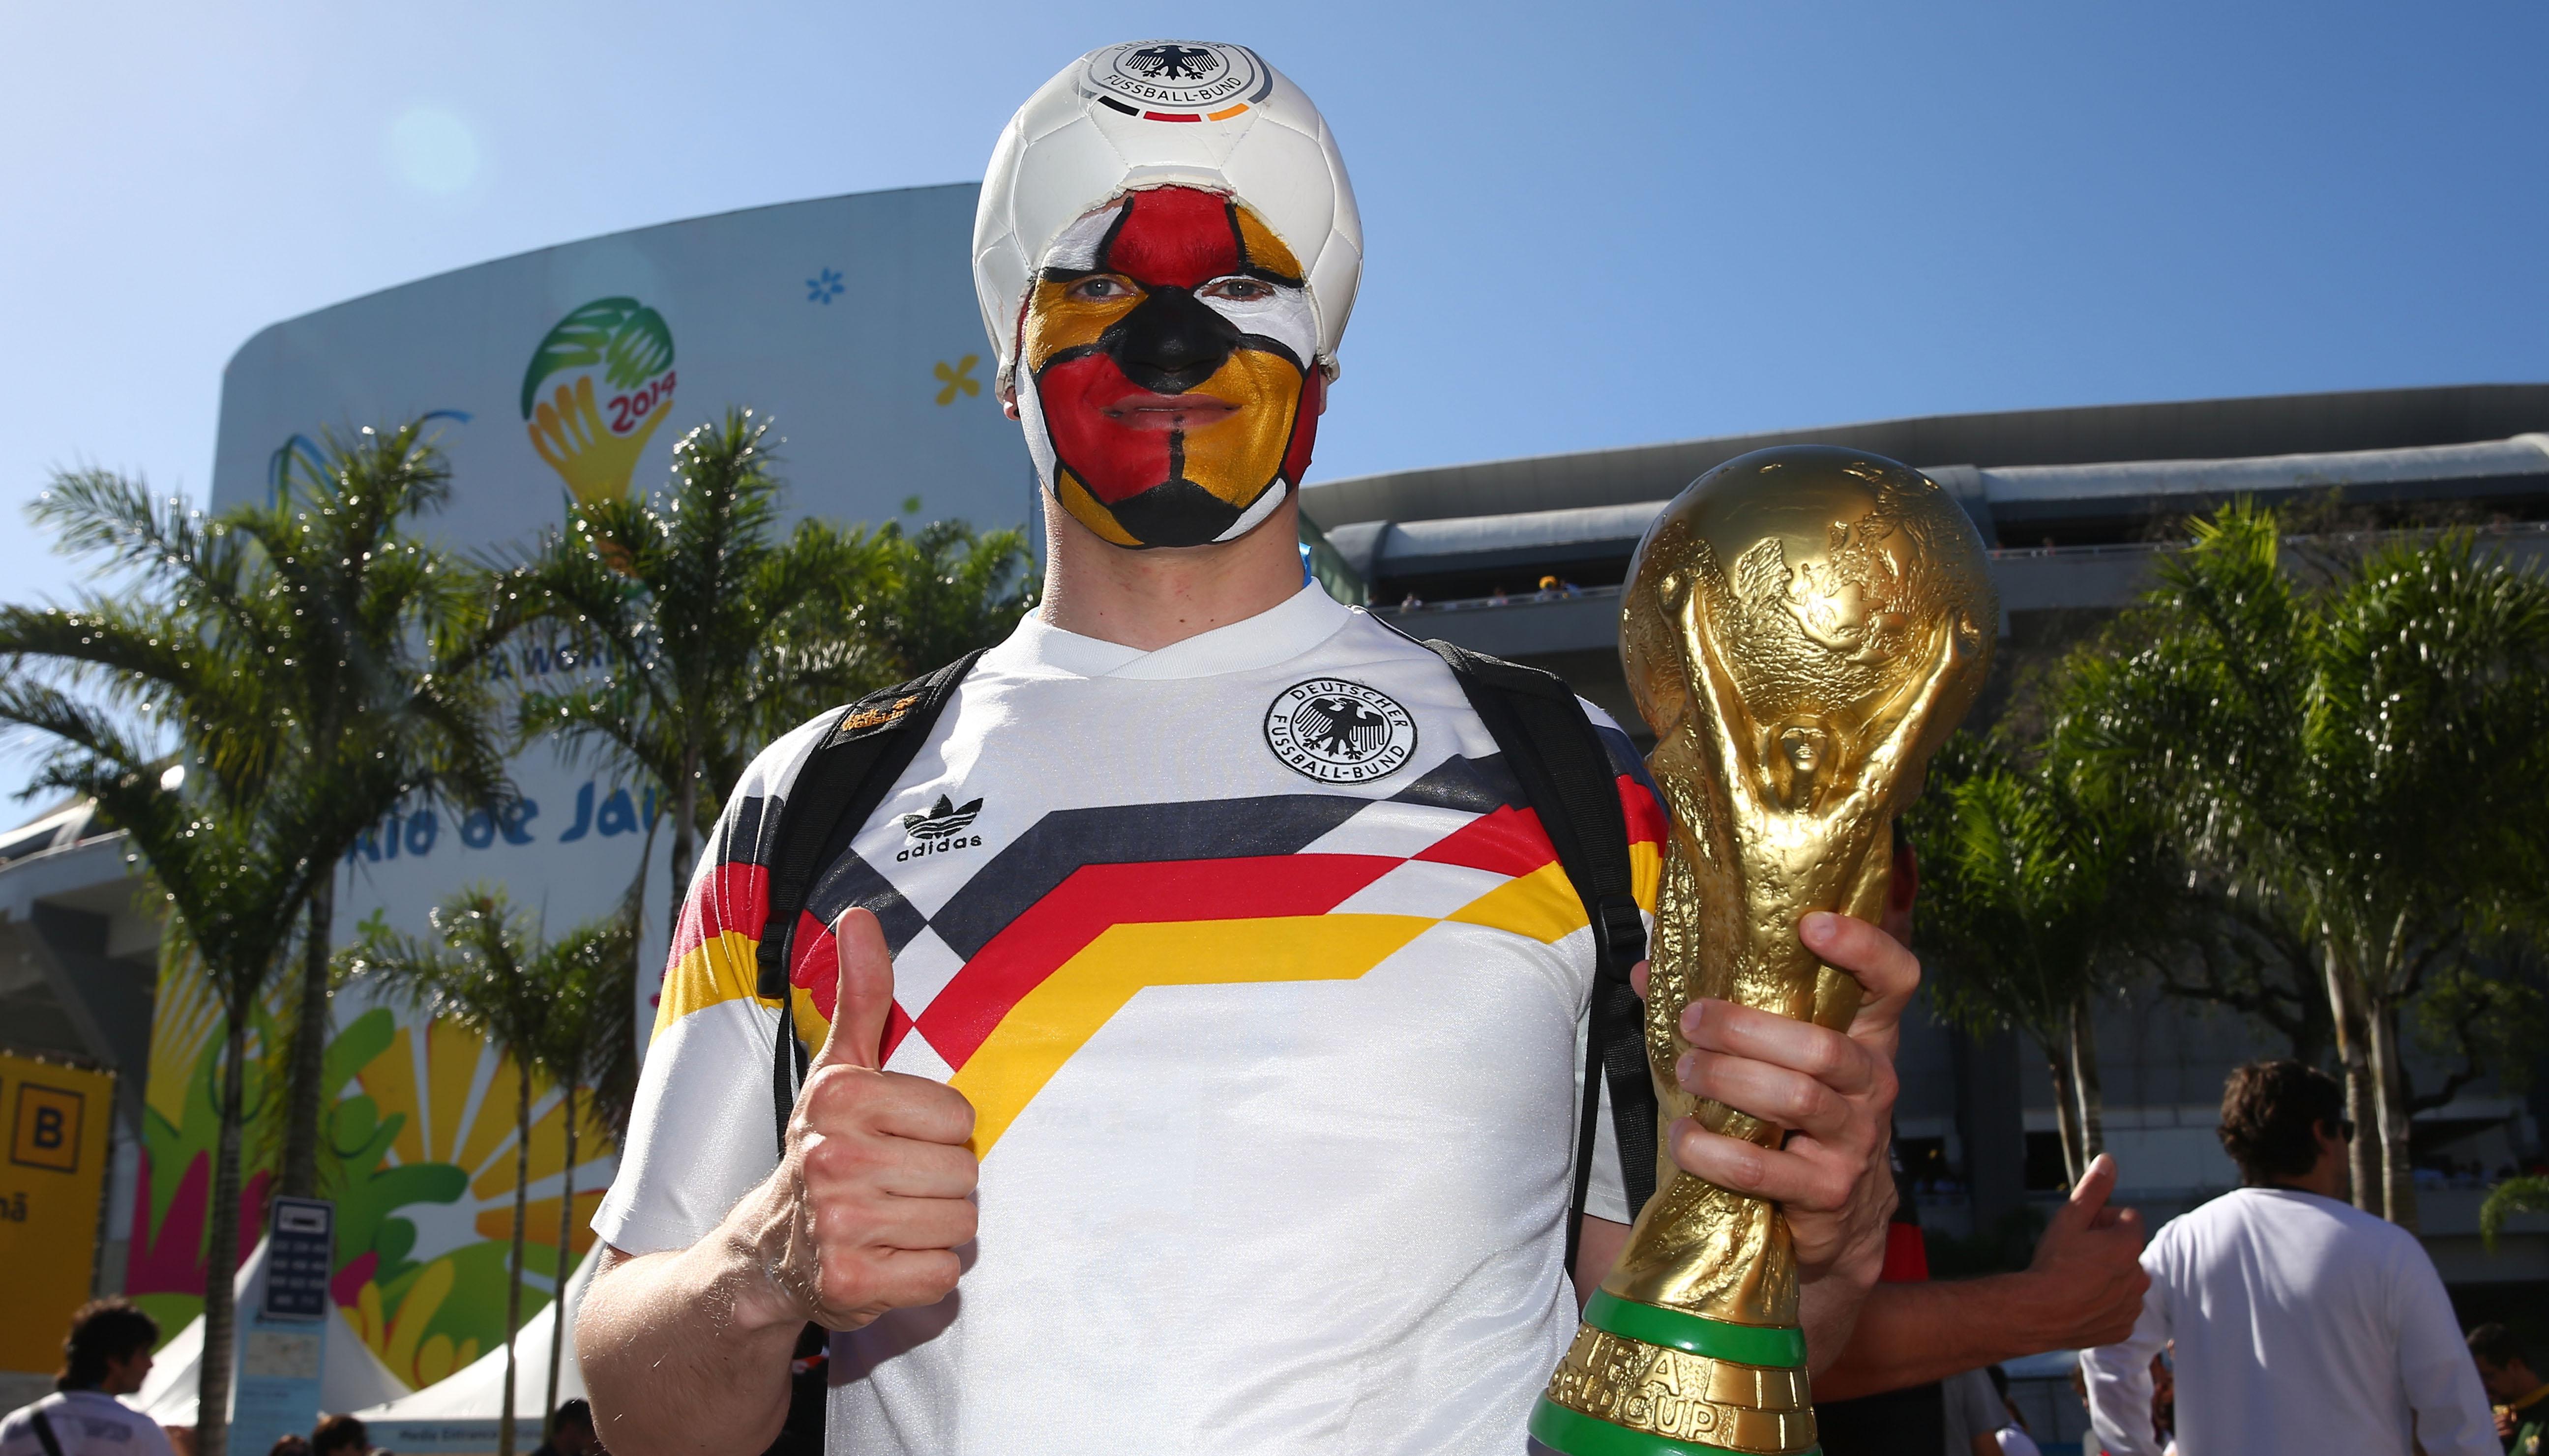 Die Frage aller Fragen: Wer wird Weltmeister?